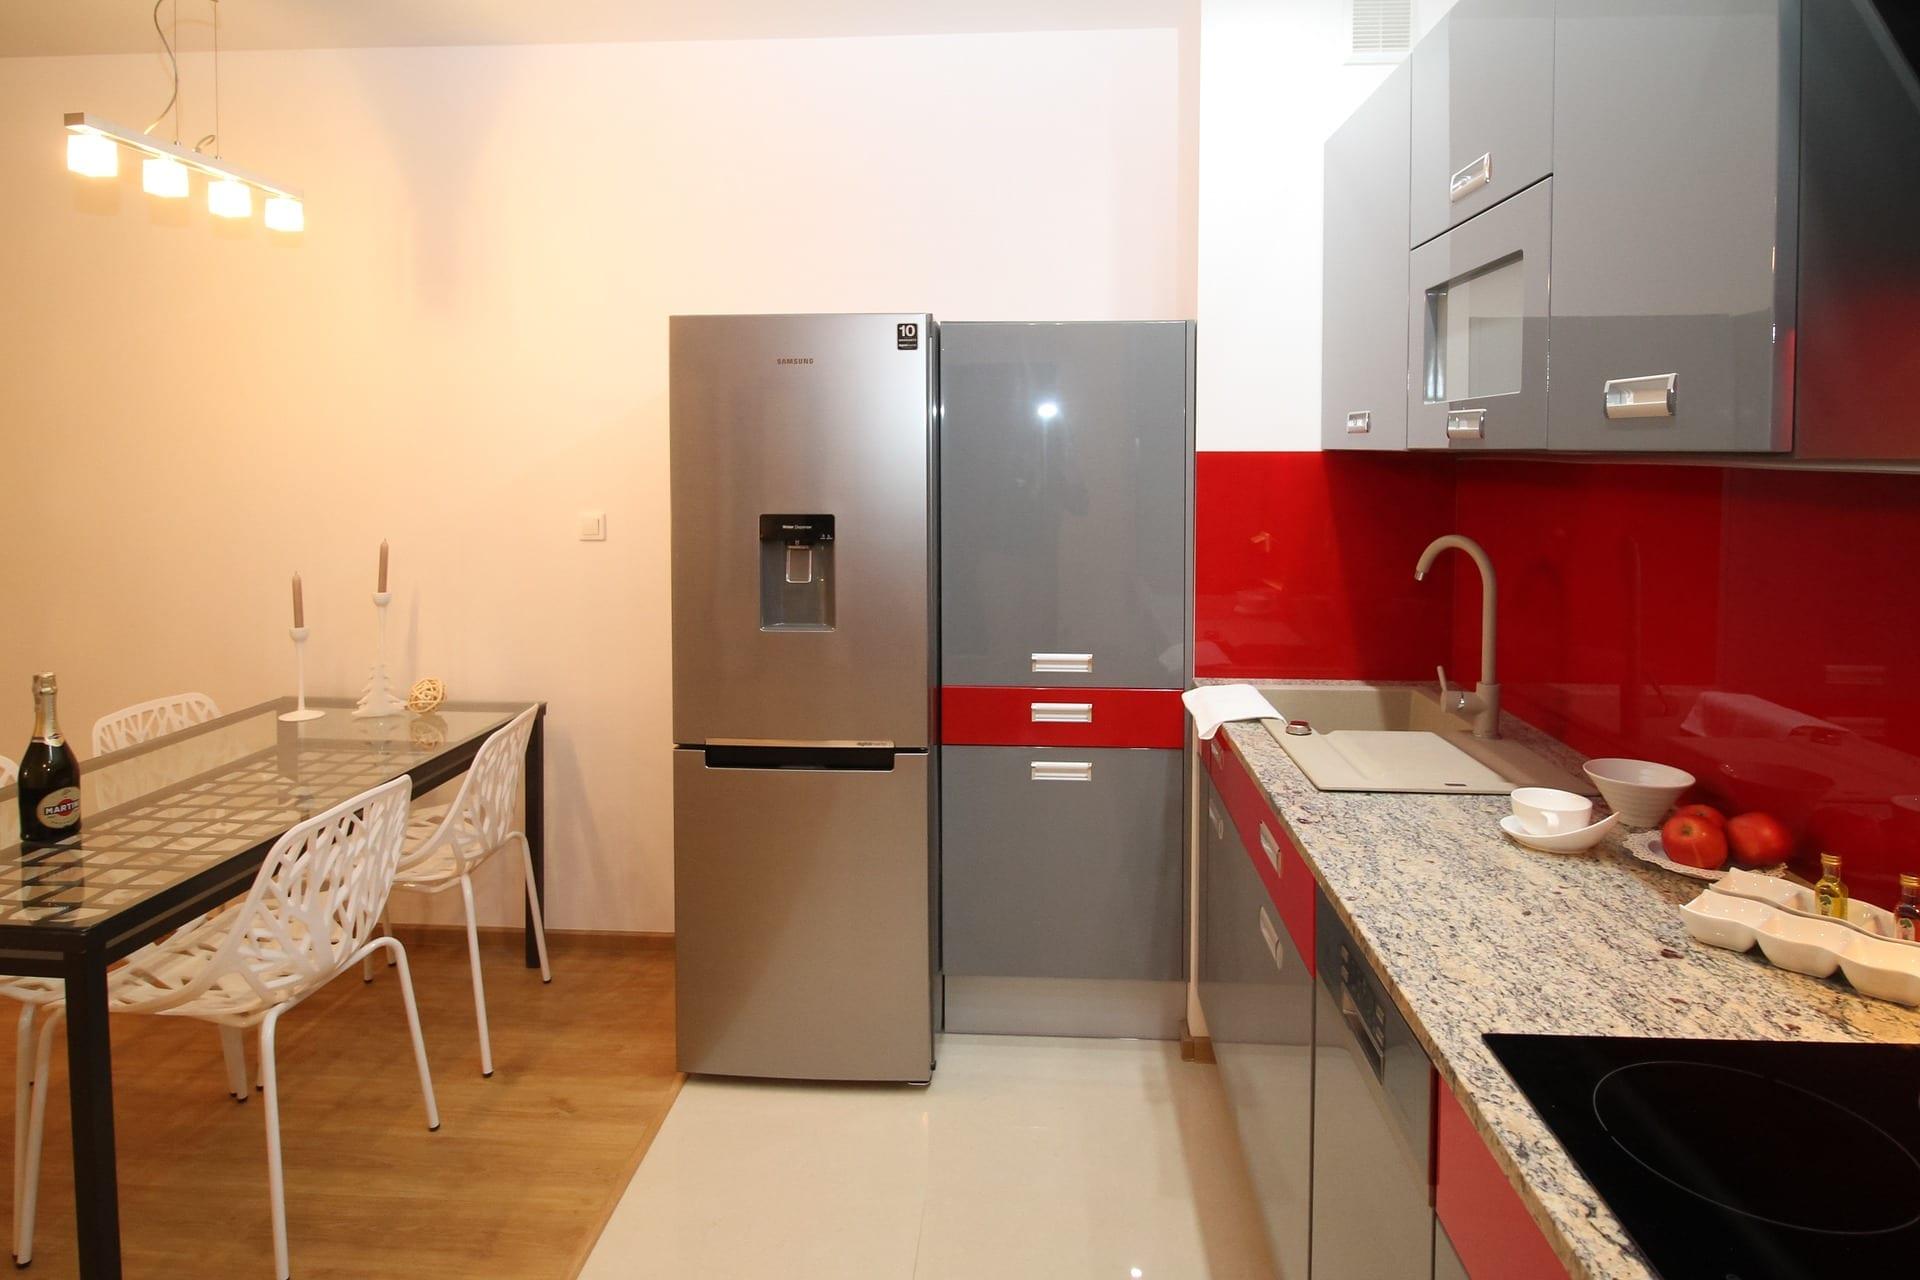 Cocina de un apartamento alojamiento en londres en donde dormir o alojarse